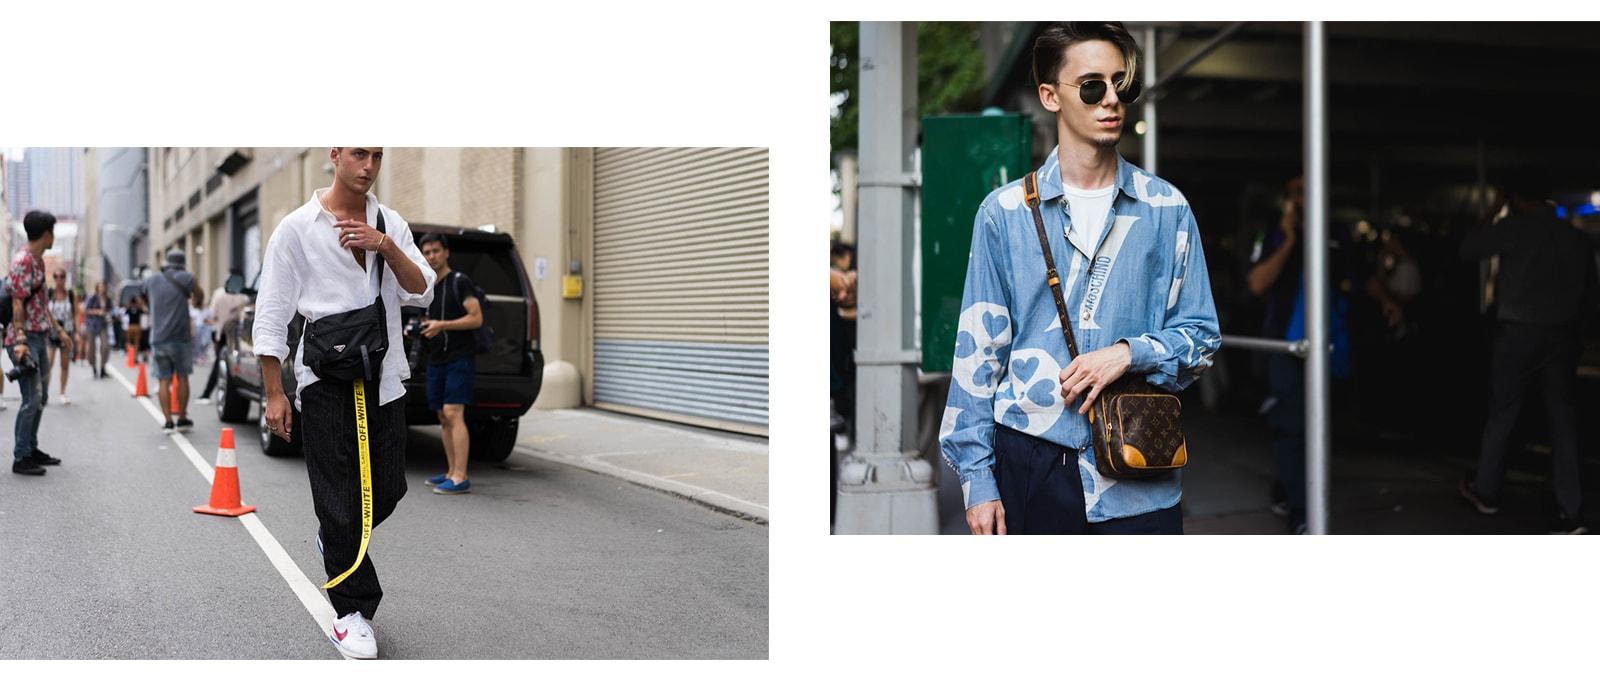 Fashion Streetwear Trends Fall Winter 2018